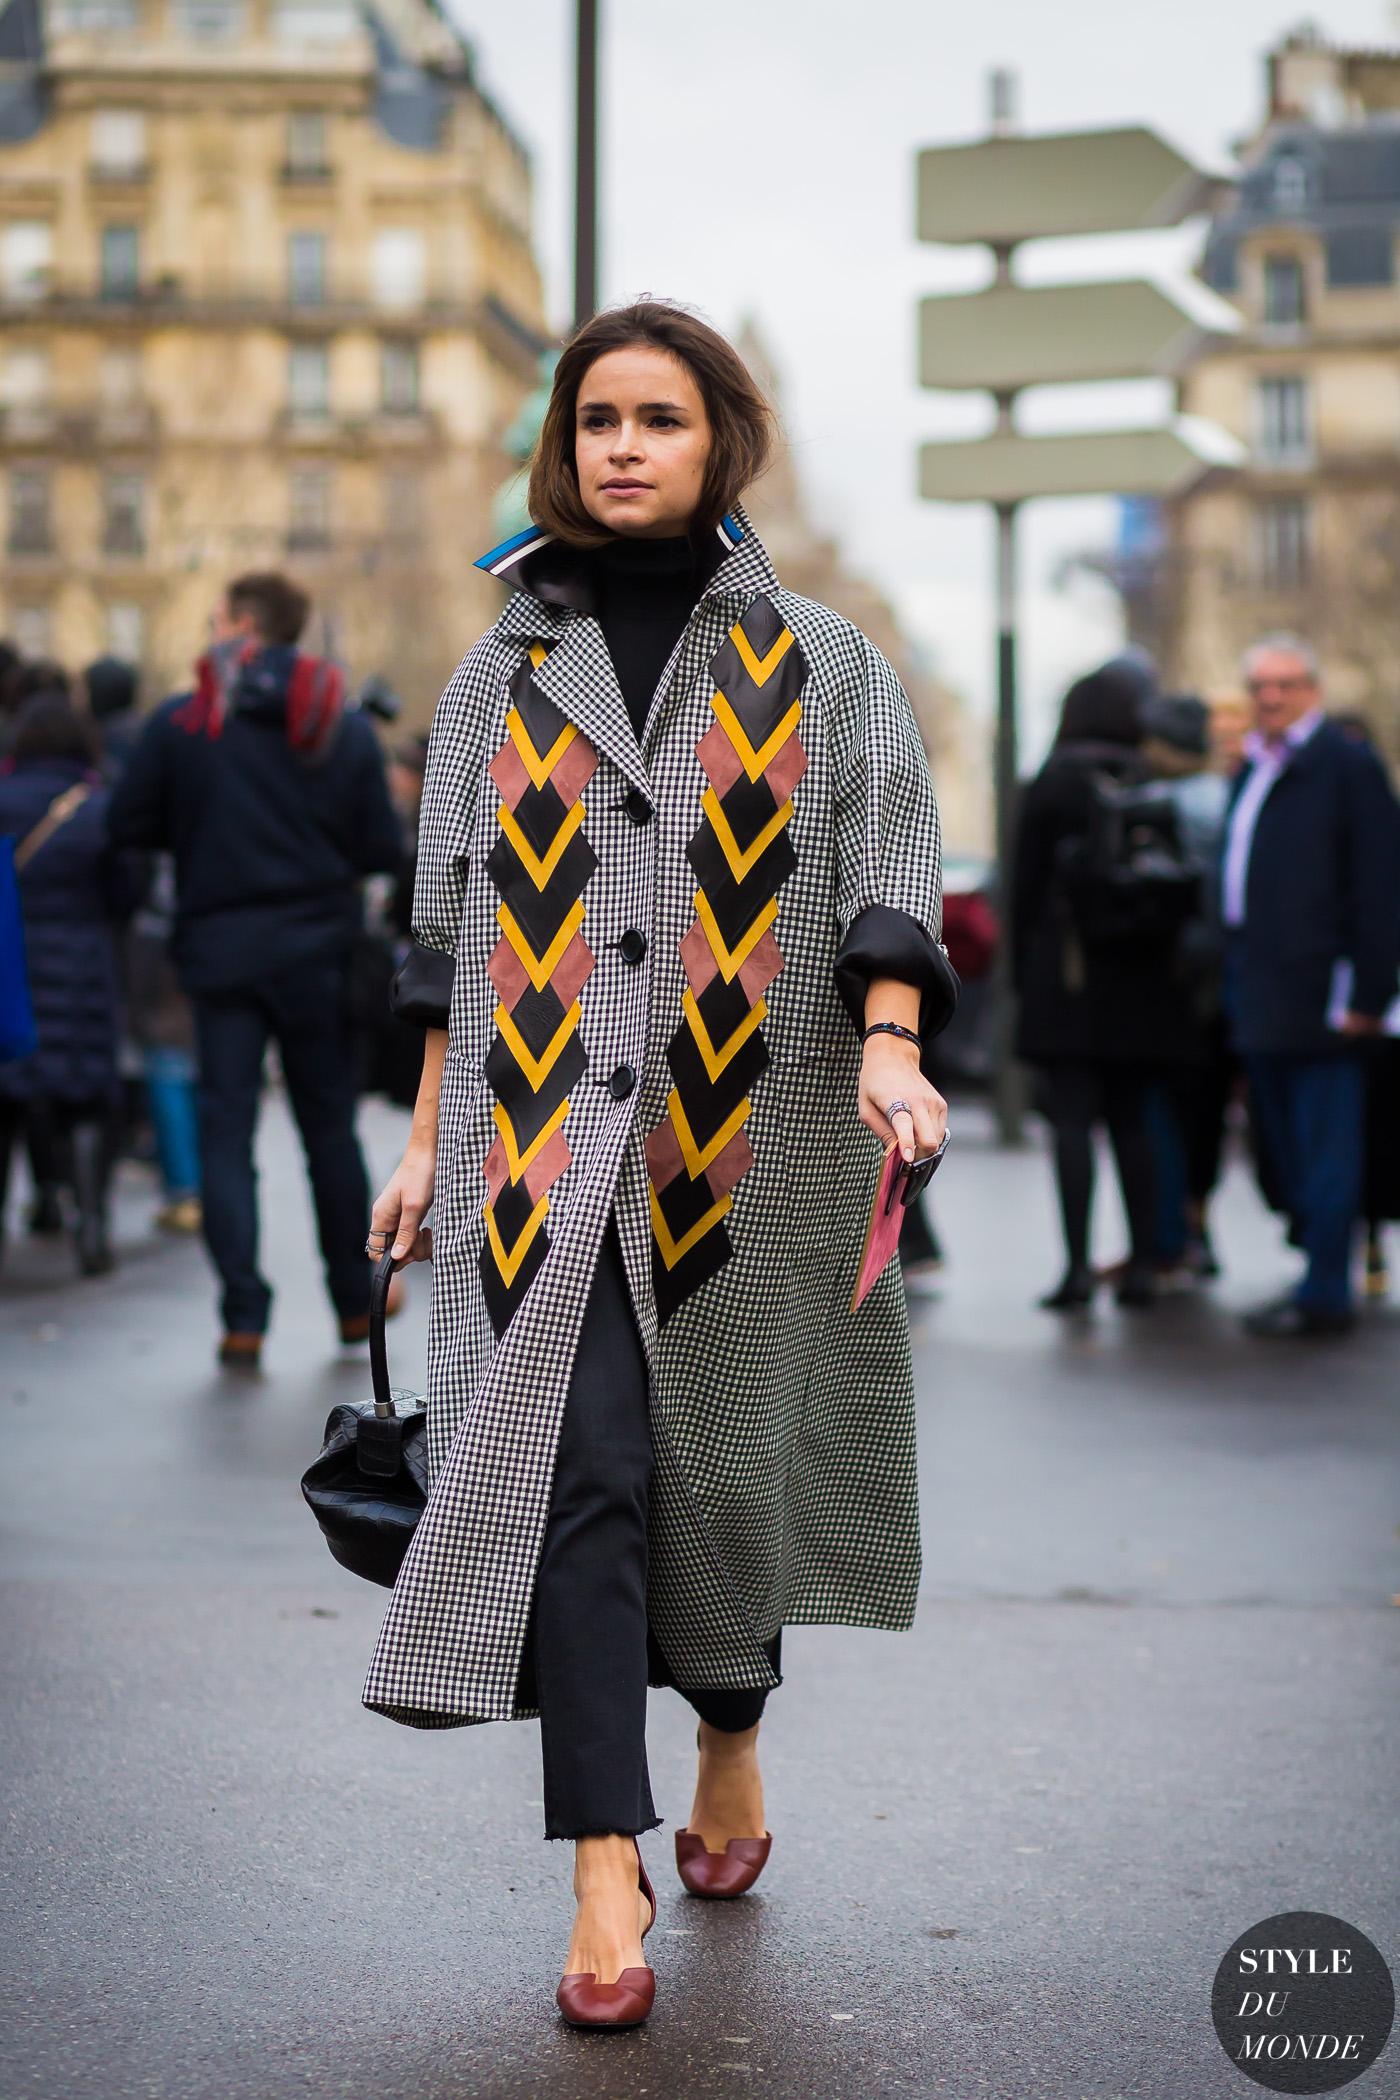 Mira Duma Style Du Monde Street Style Street Fashion Photos